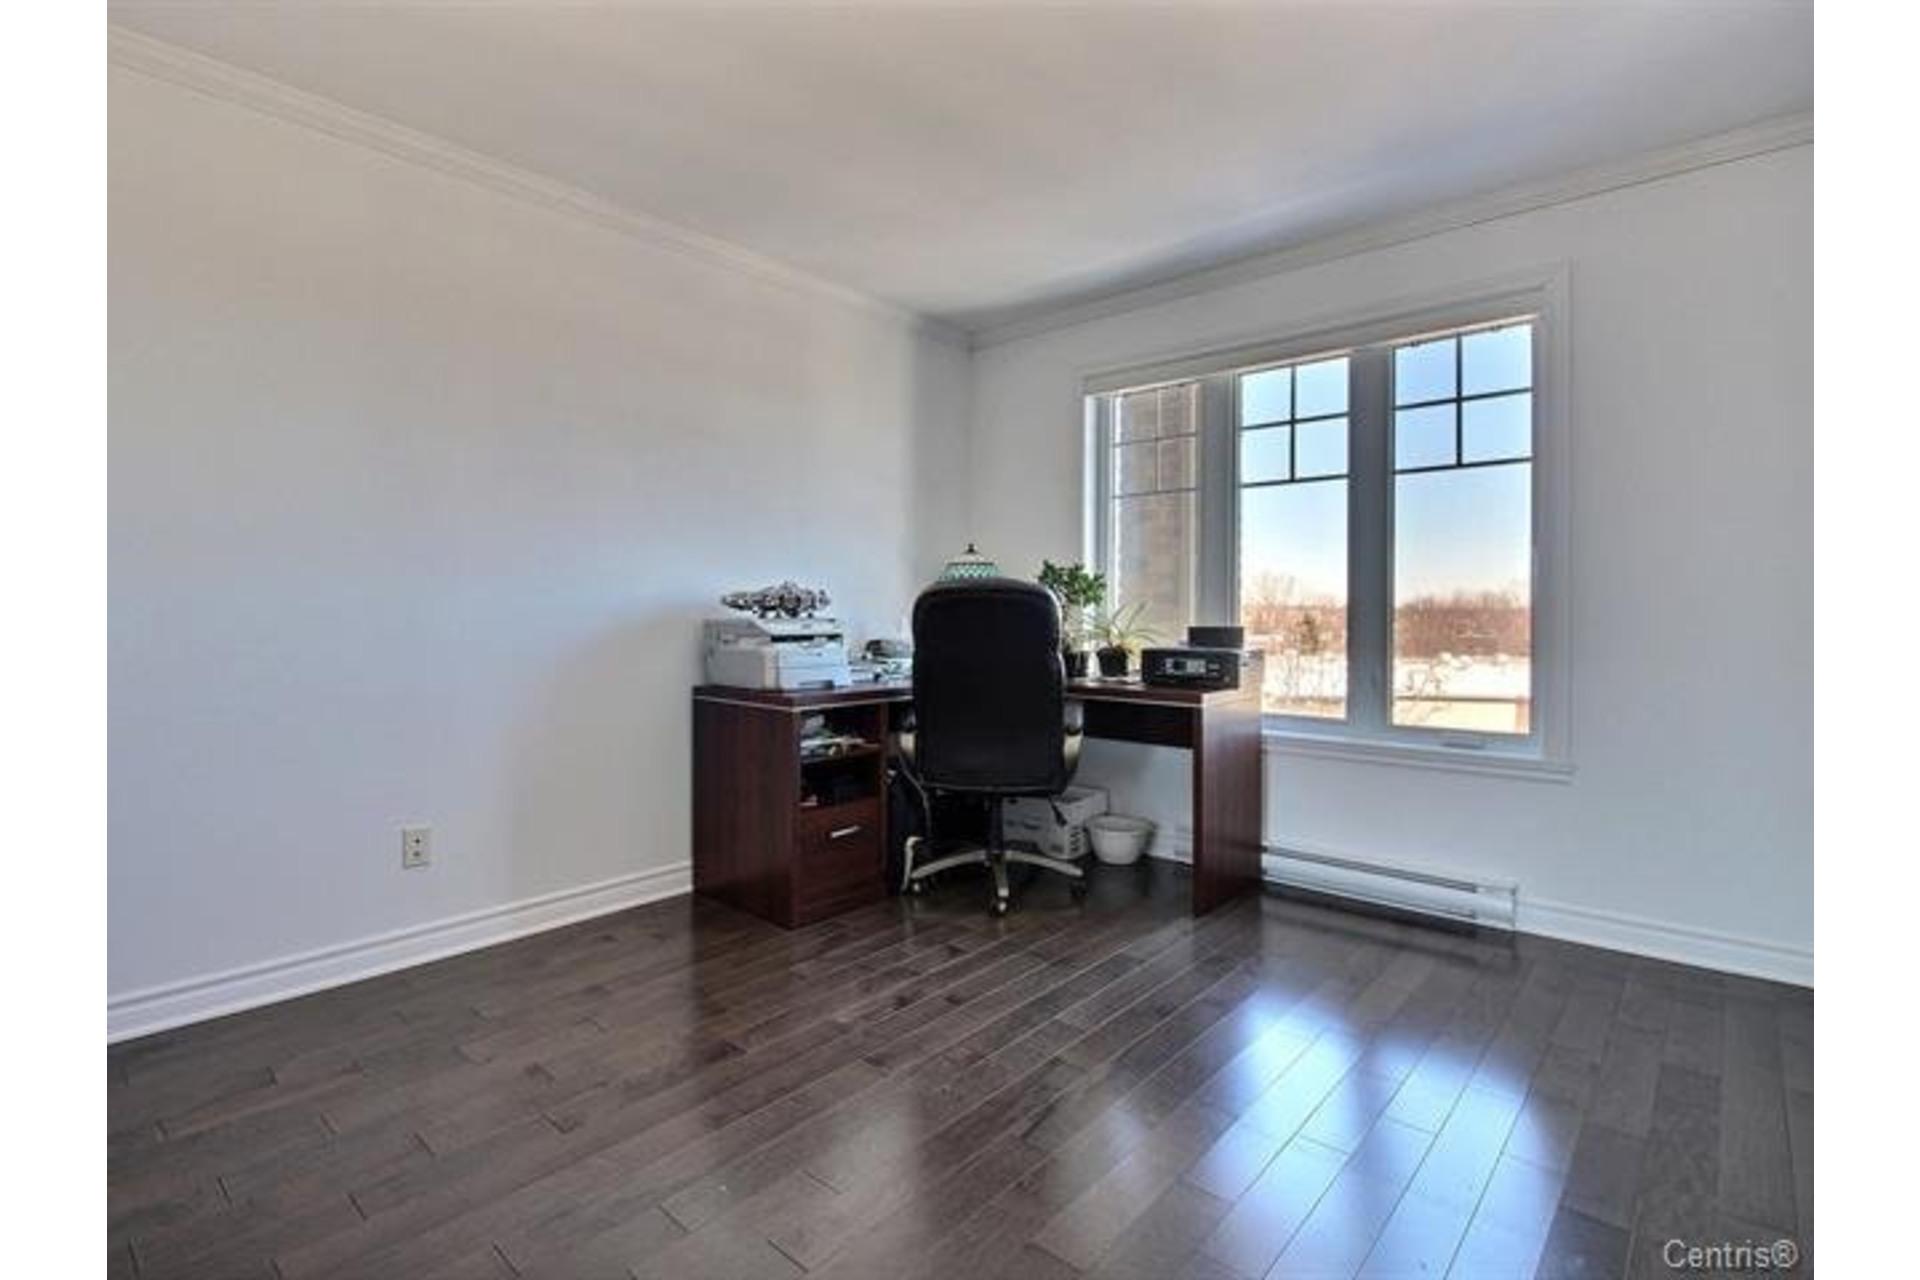 image 13 - Apartment For sale Montréal Pierrefonds-Roxboro  - 7 rooms